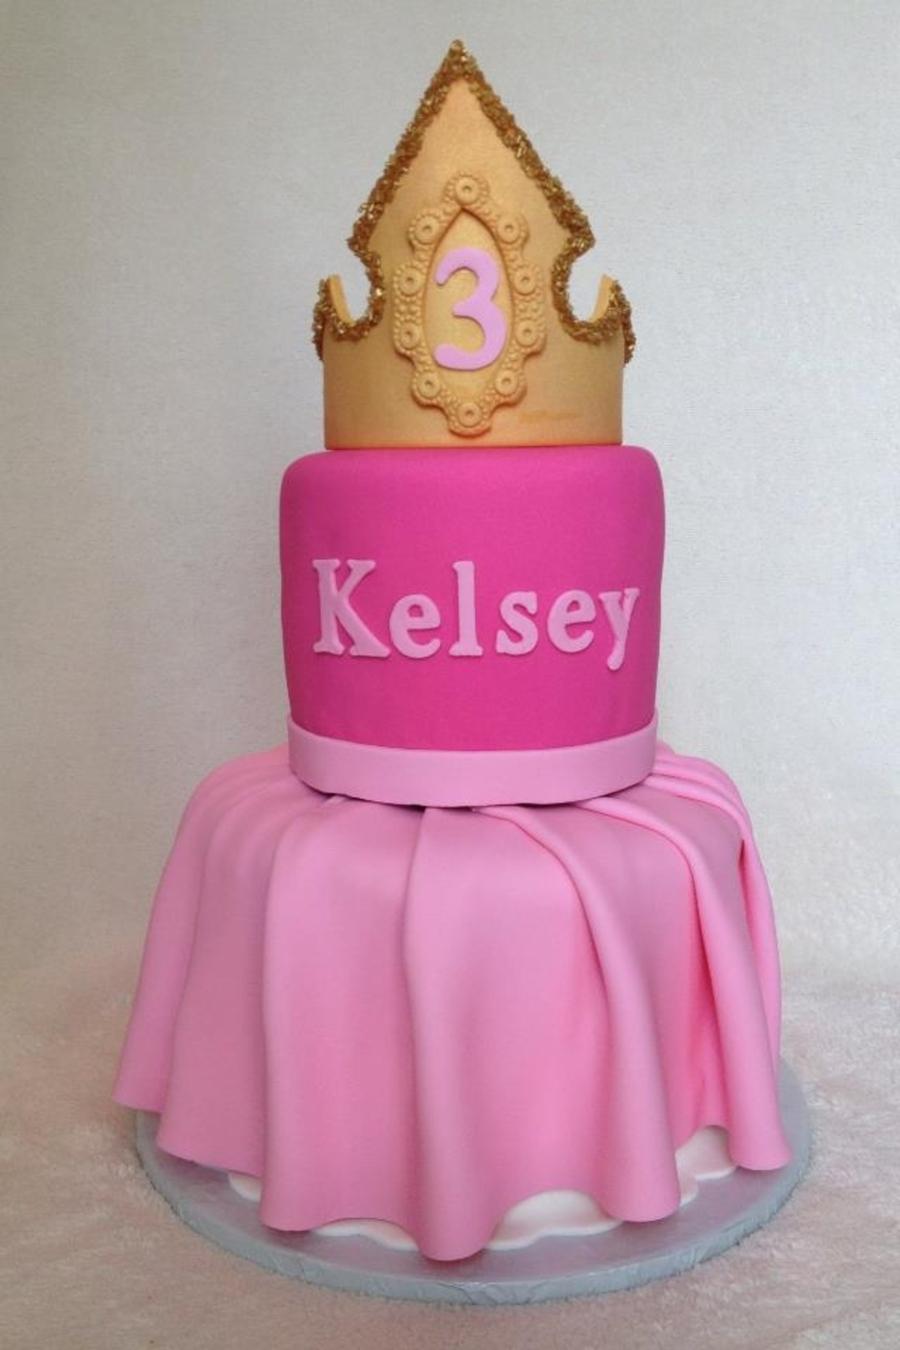 Princess Aurora Cake Design : Sleeping Beauty Dress Cake - CakeCentral.com